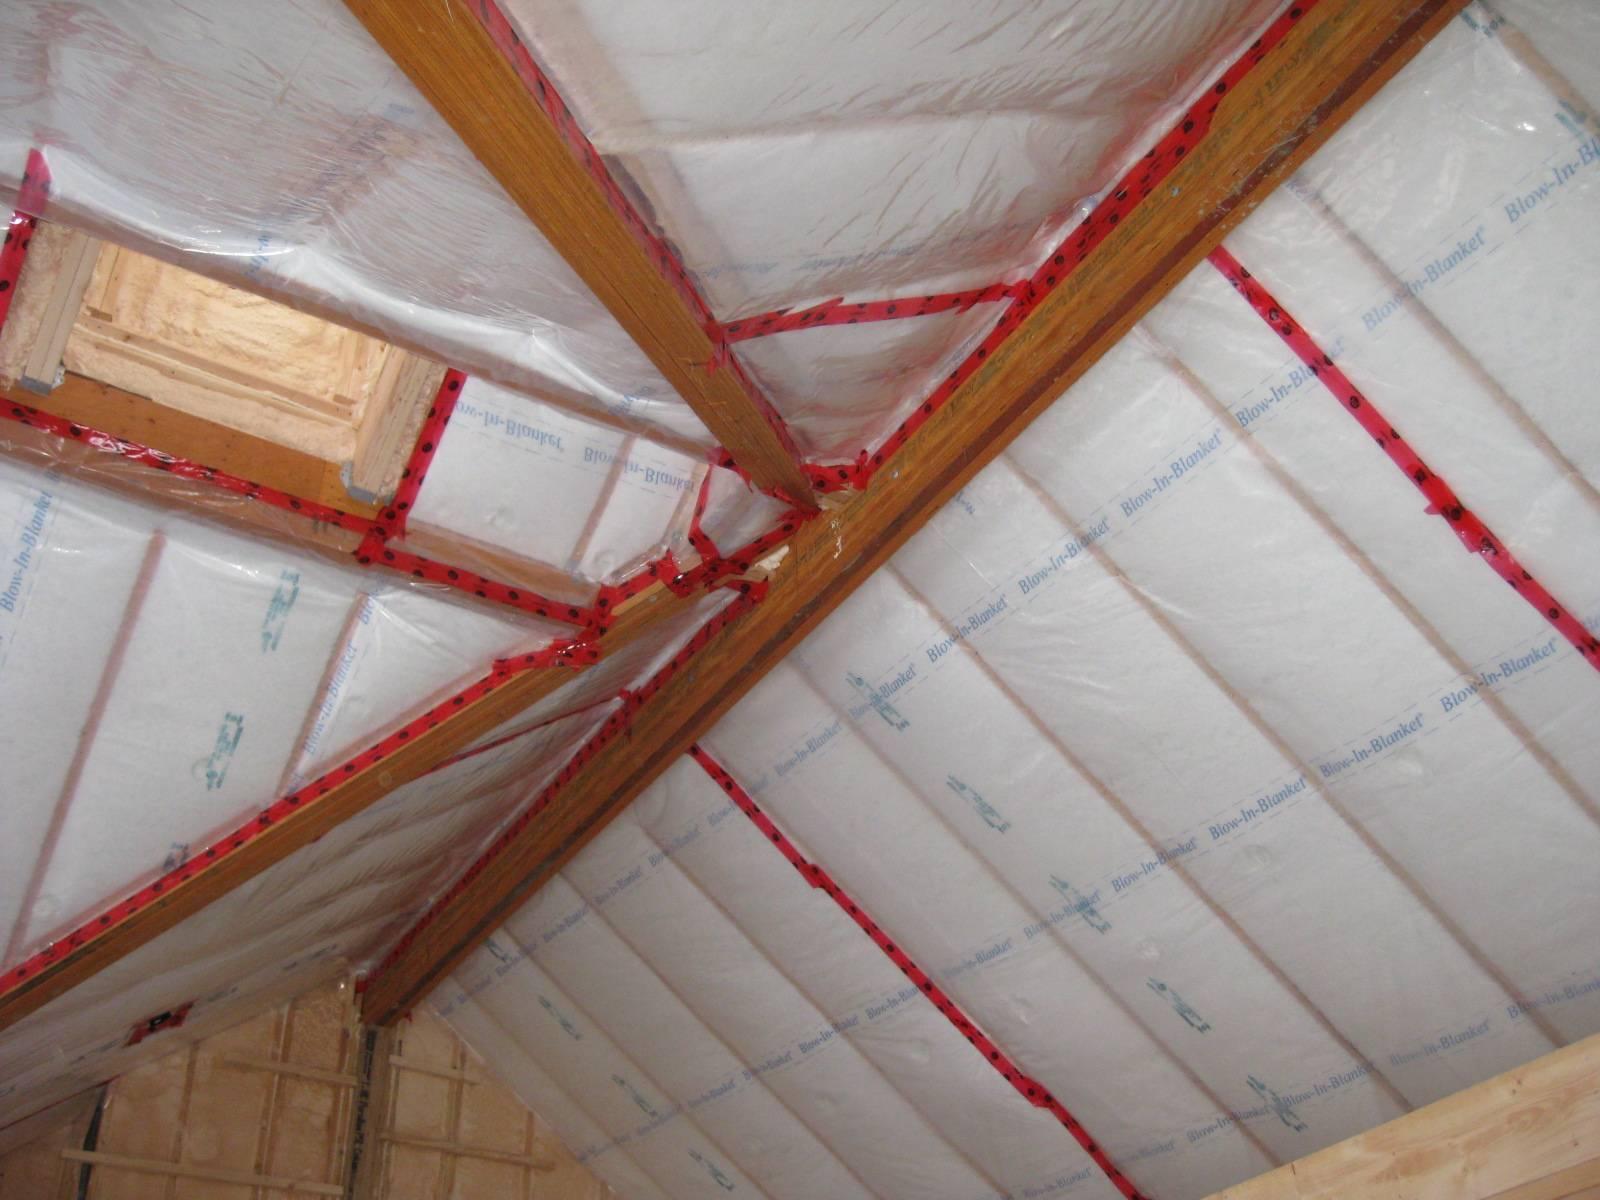 Пароизоляция для потолка в деревянном перекрытии — какую выбрать, как правильно сделать в деревянном доме, какая пароизоляция лучше, как работает, нужна ли